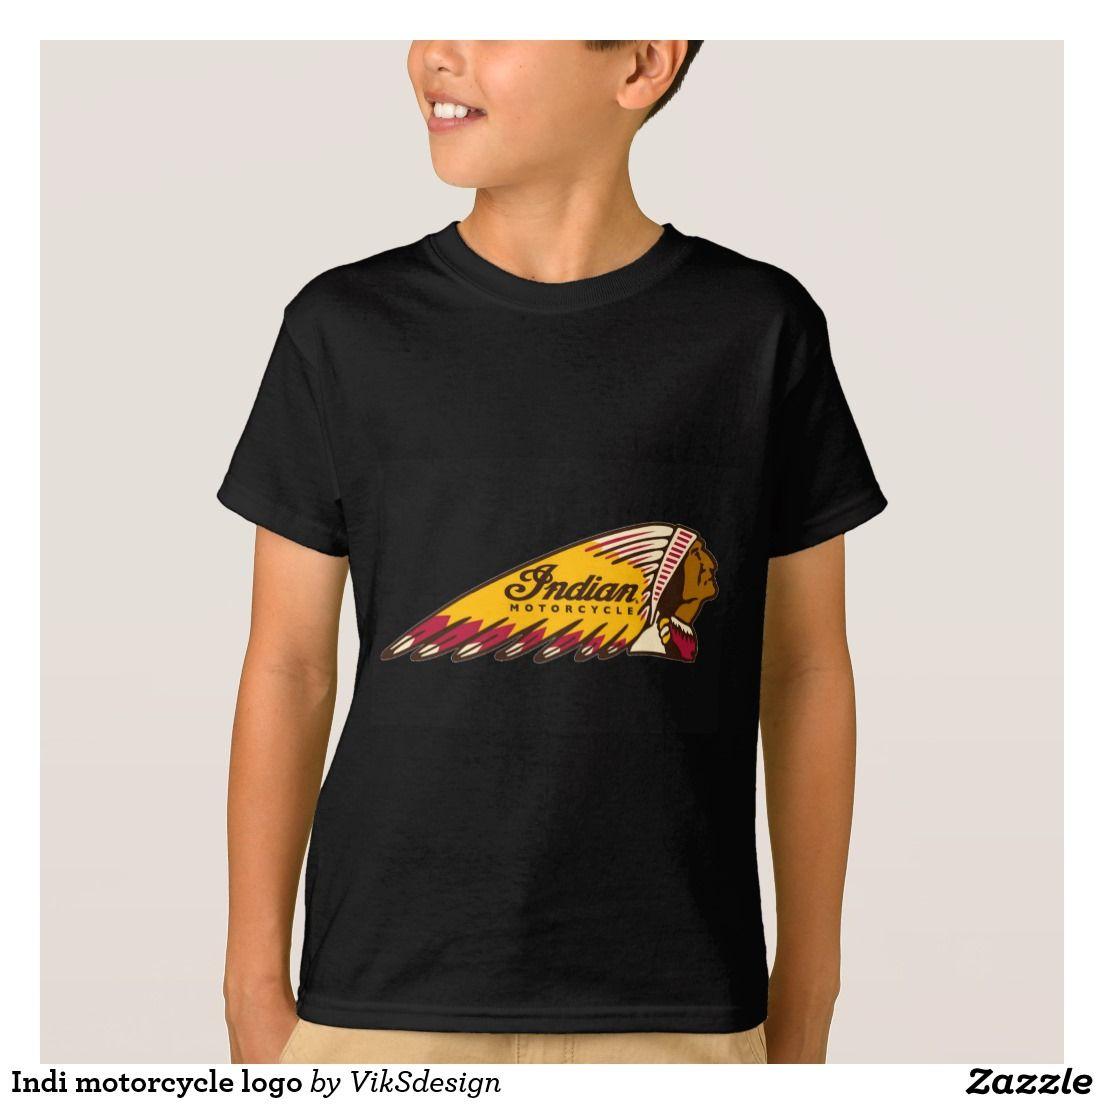 Indi motorcycle logo shirt